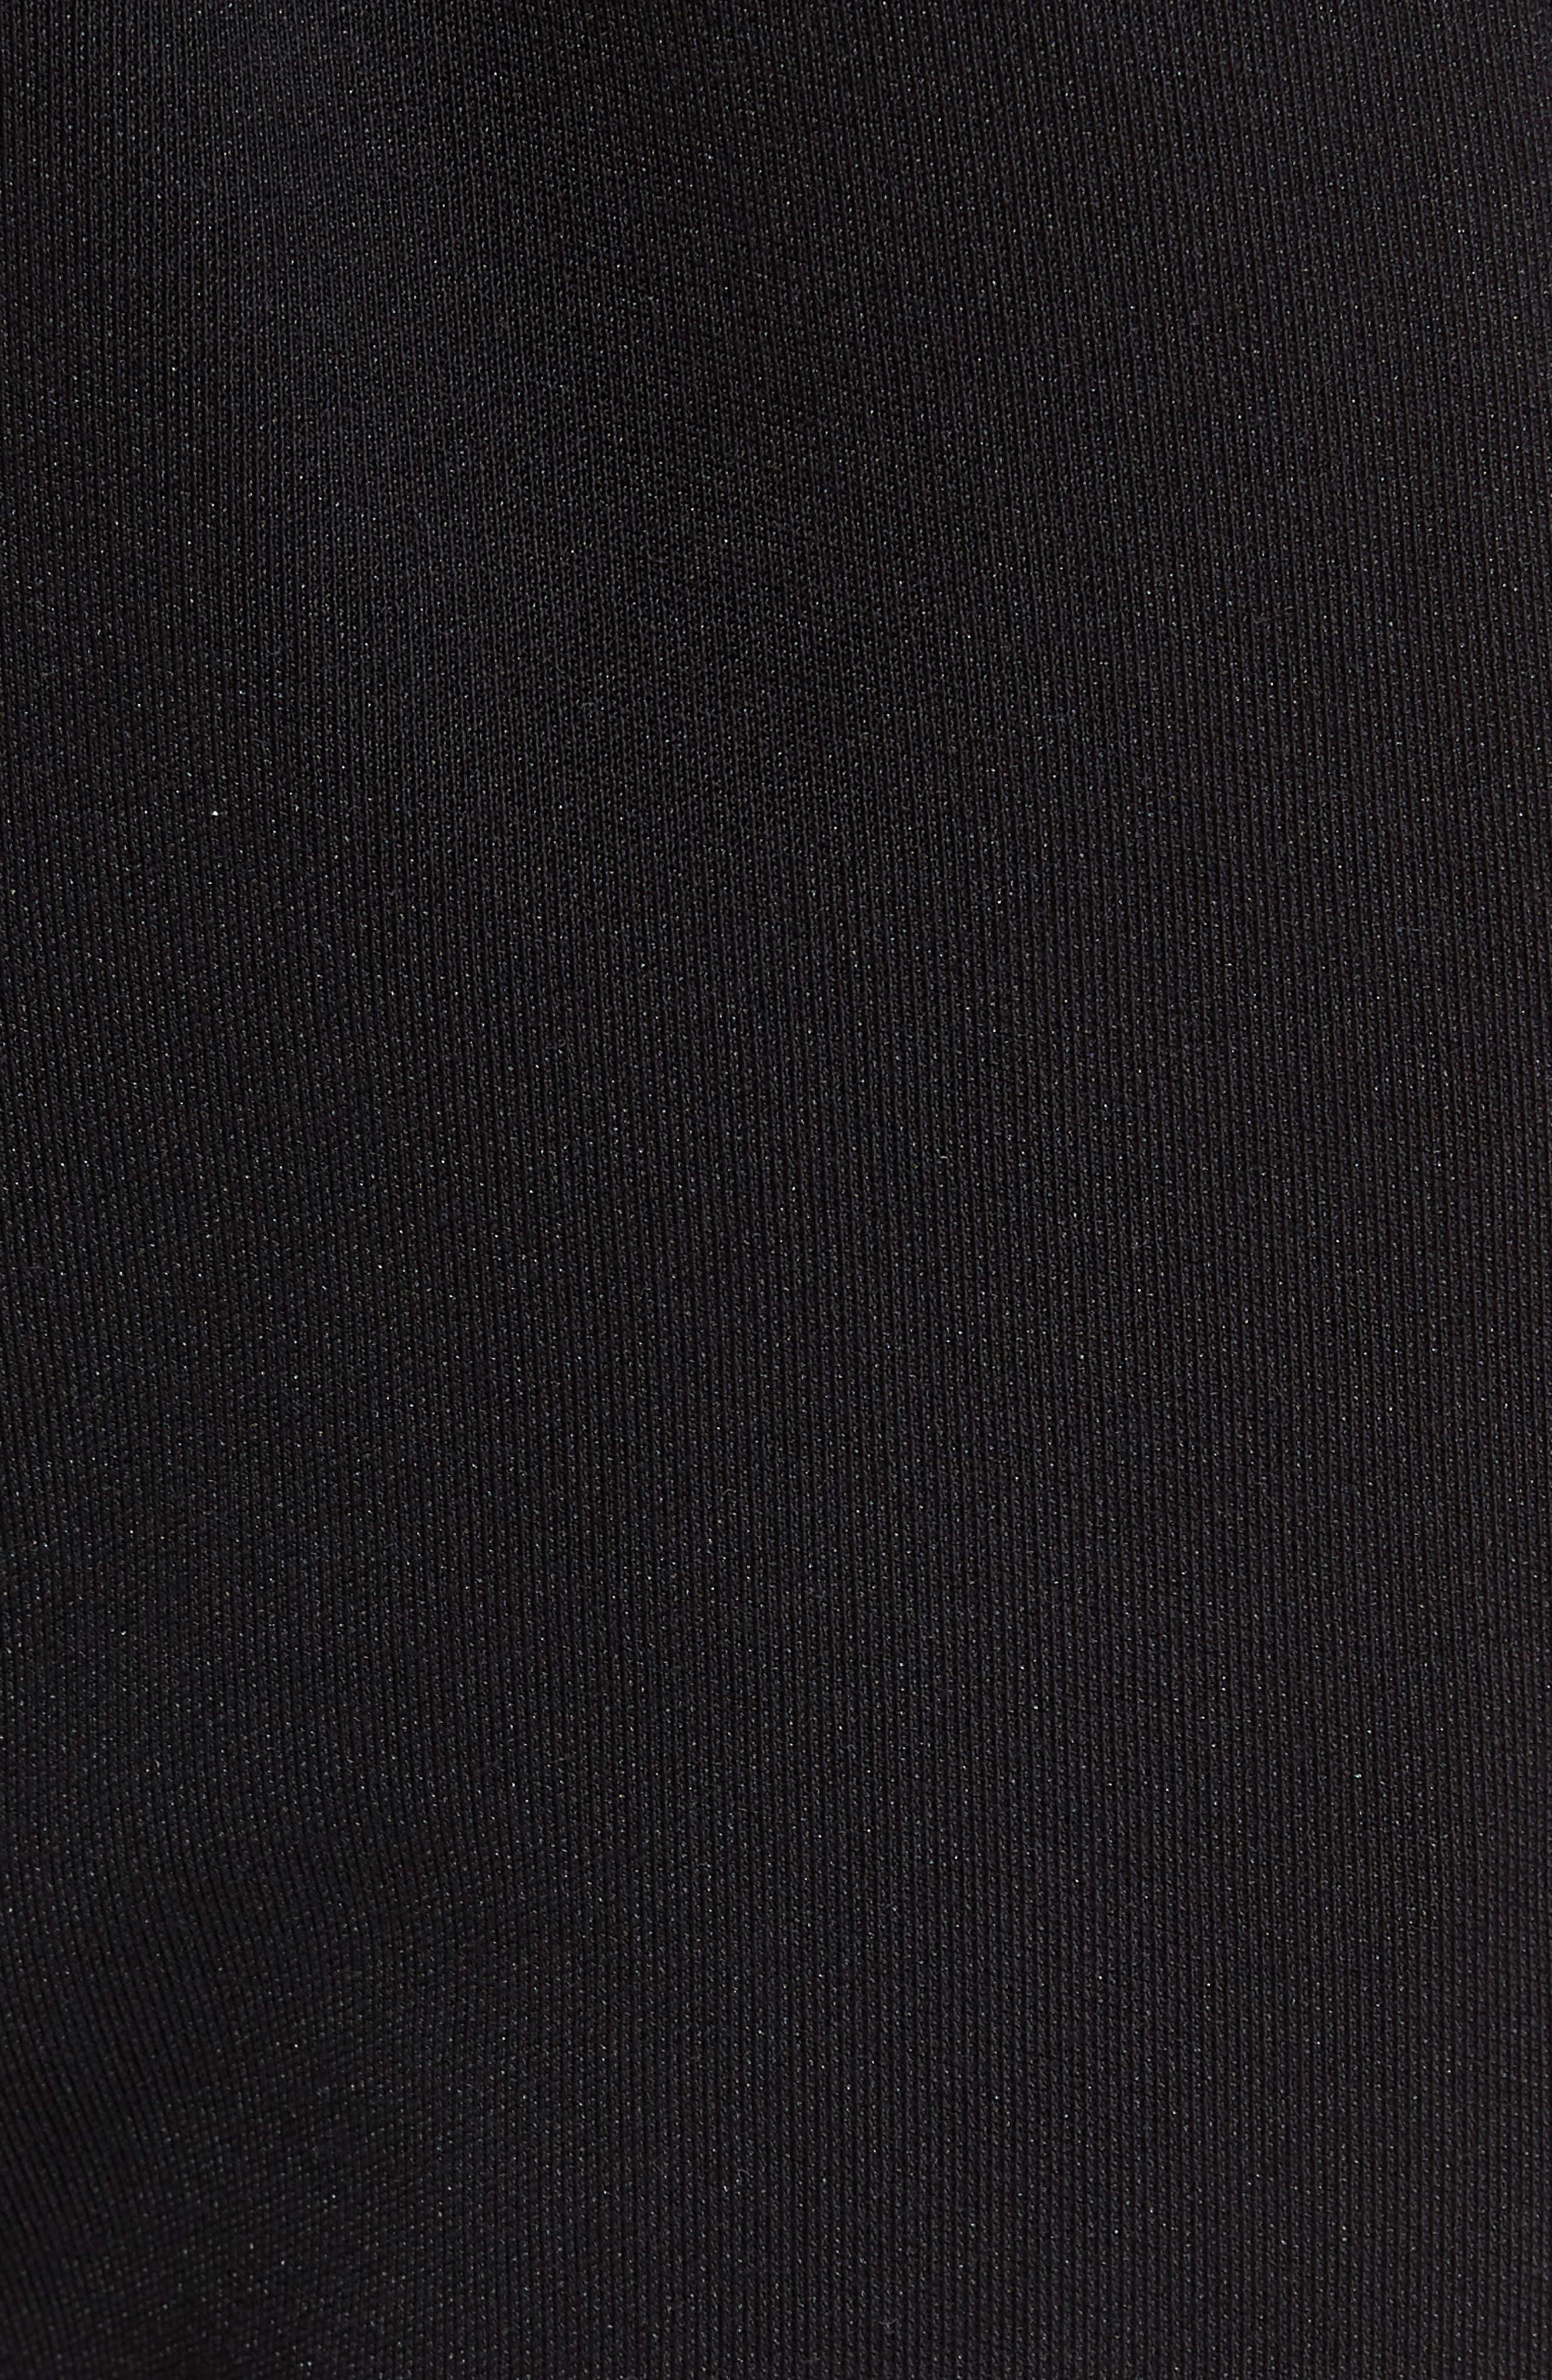 Reverse Tricot Track Pants,                             Alternate thumbnail 5, color,                             Black